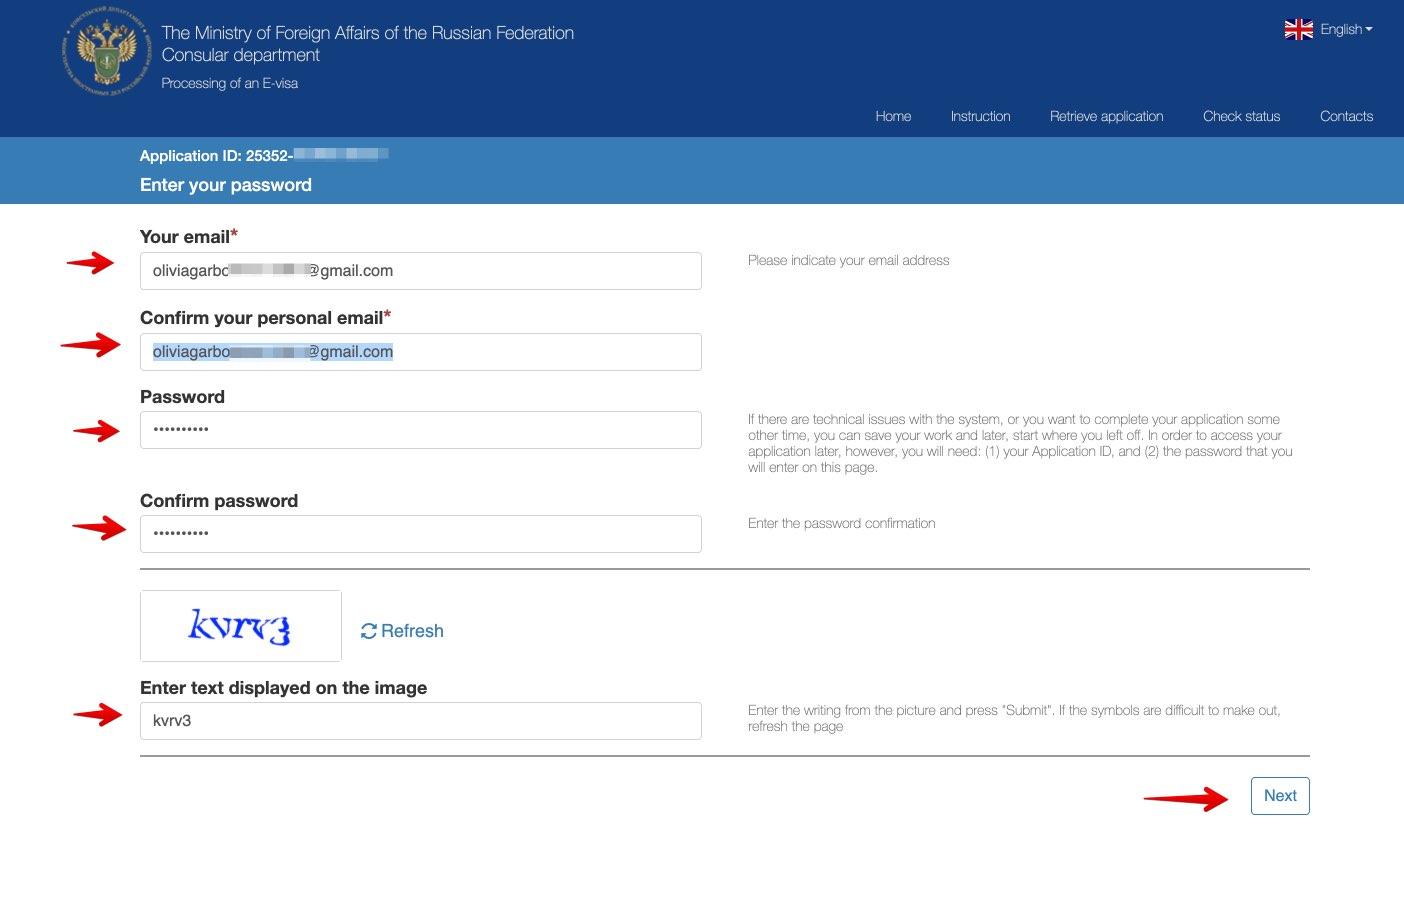 Wniosek o wizę elektroniczną na podróż do Rosji - Departament Konsularny Ministerstwa Spraw Zagranicznych Federacji Rosyjskiej 3